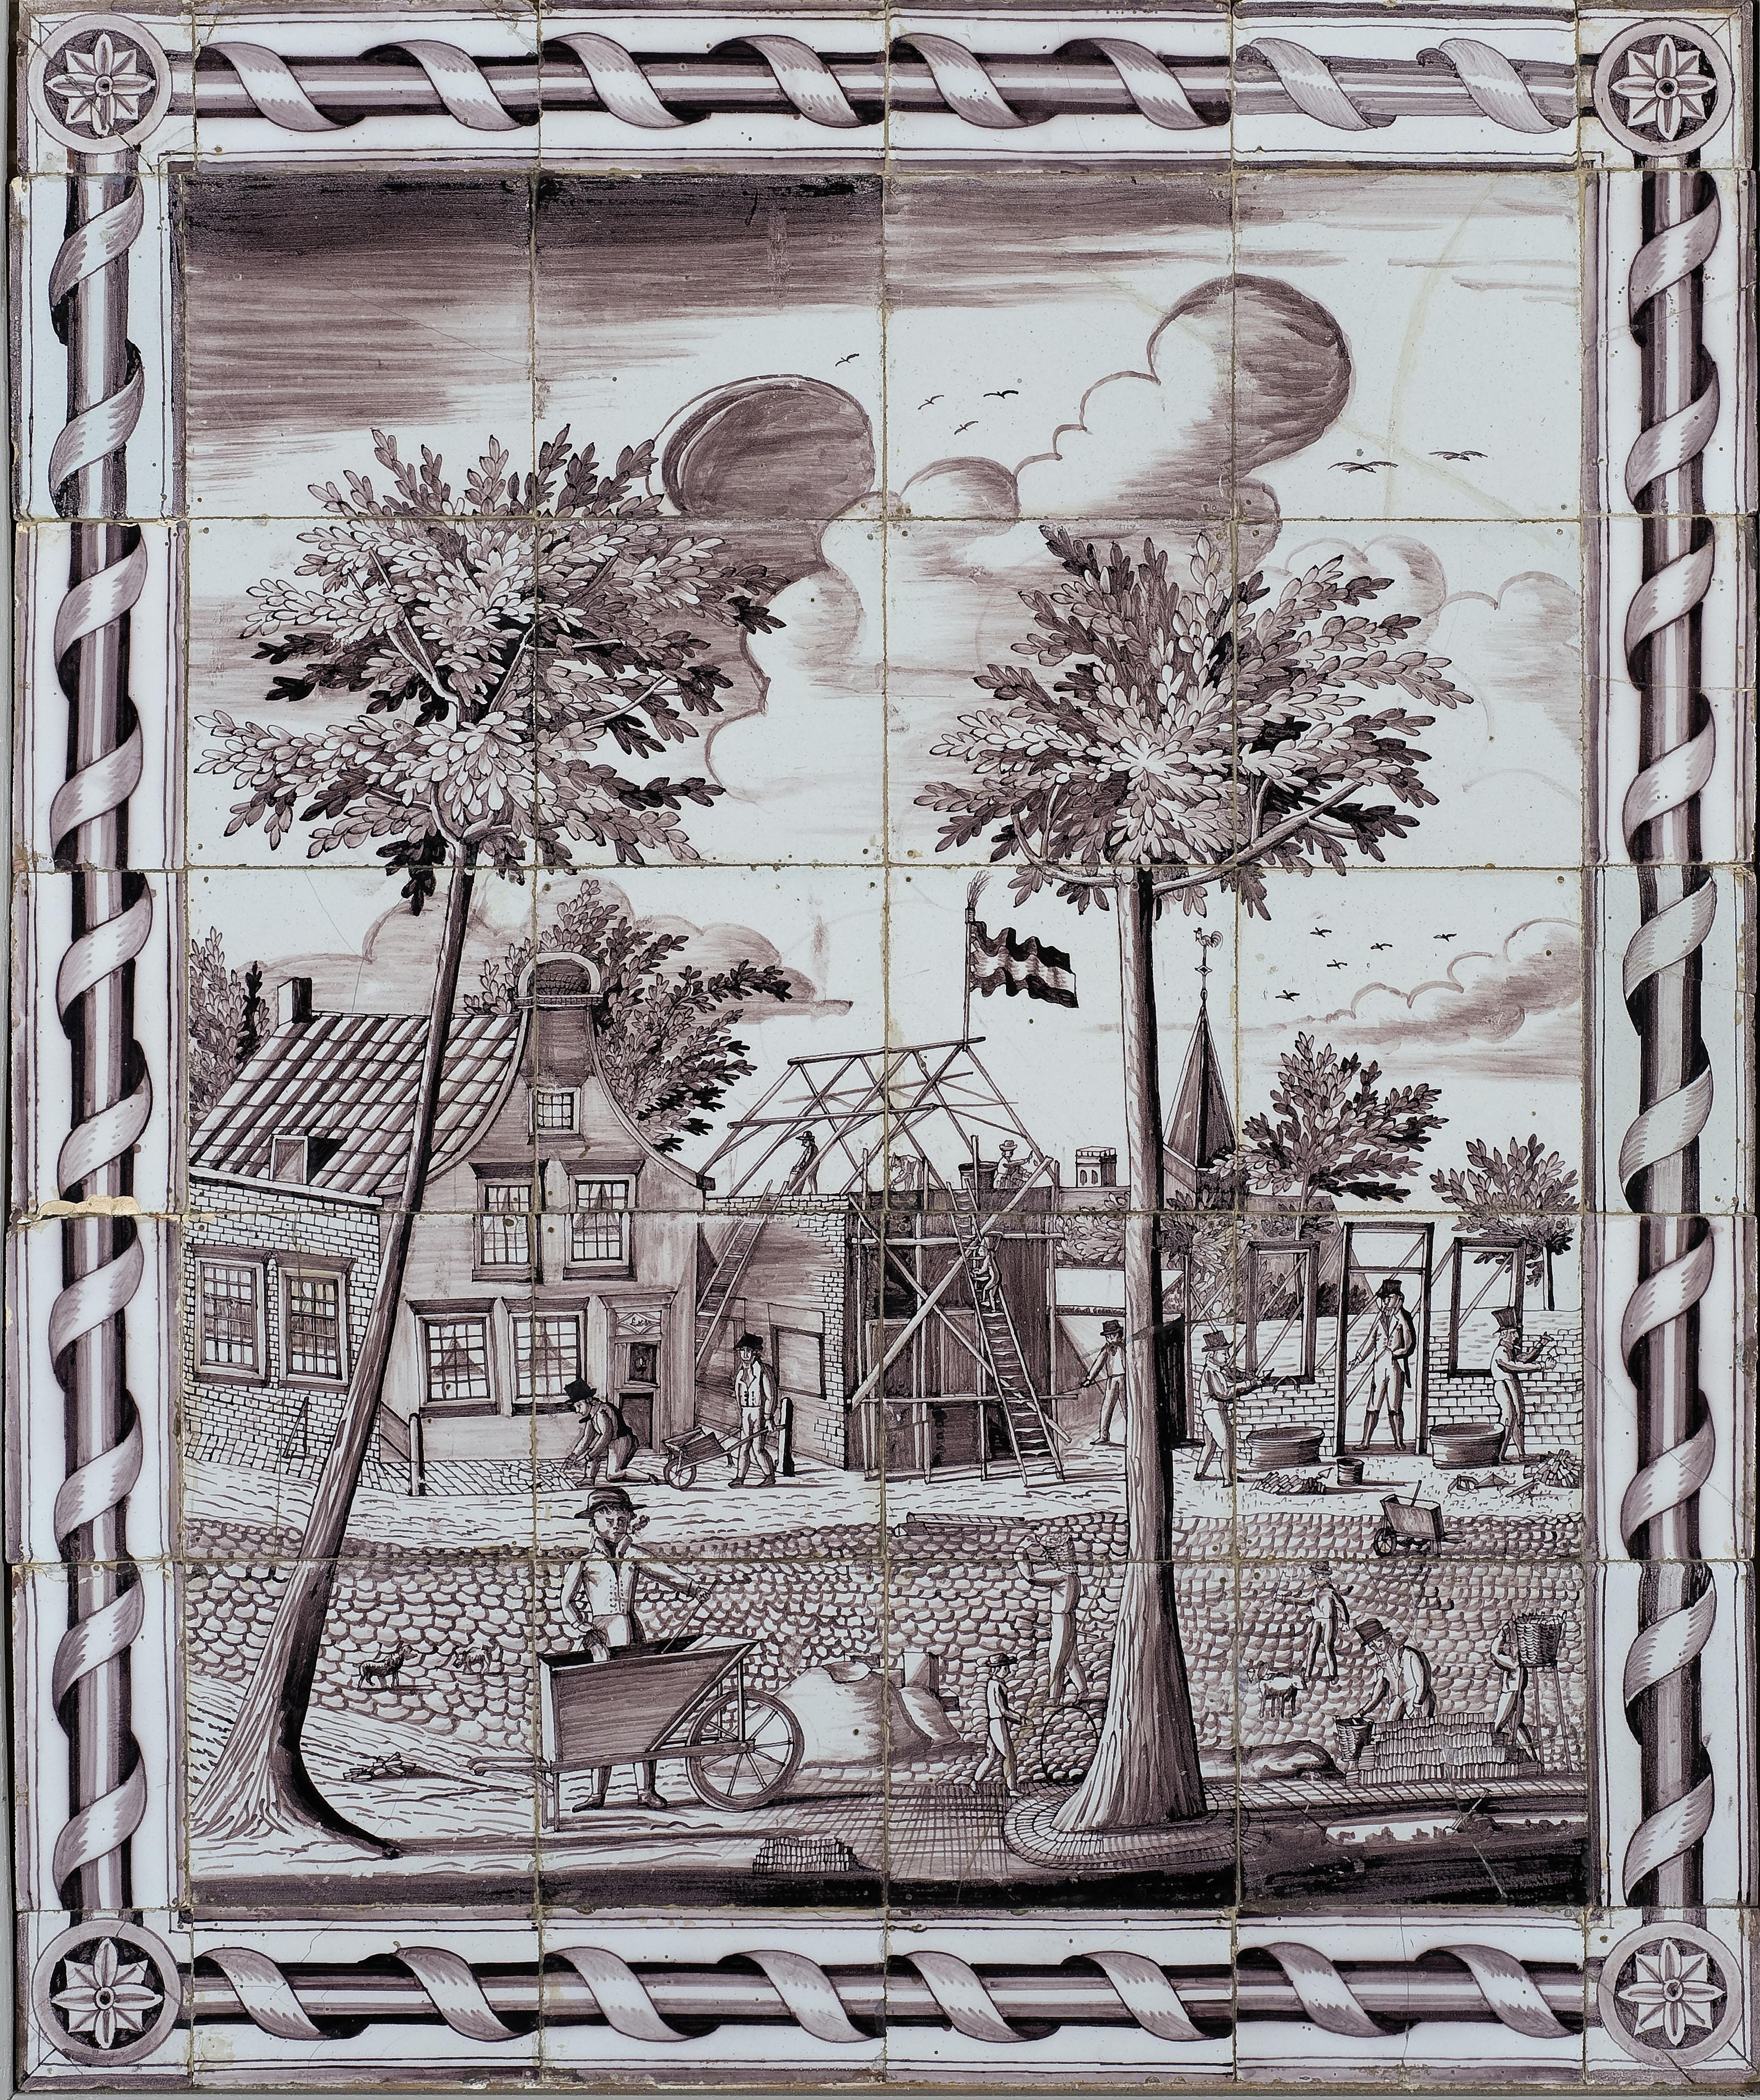 Paars tegeltableau met decoratieve rand, zicht op een bouwbedrijf